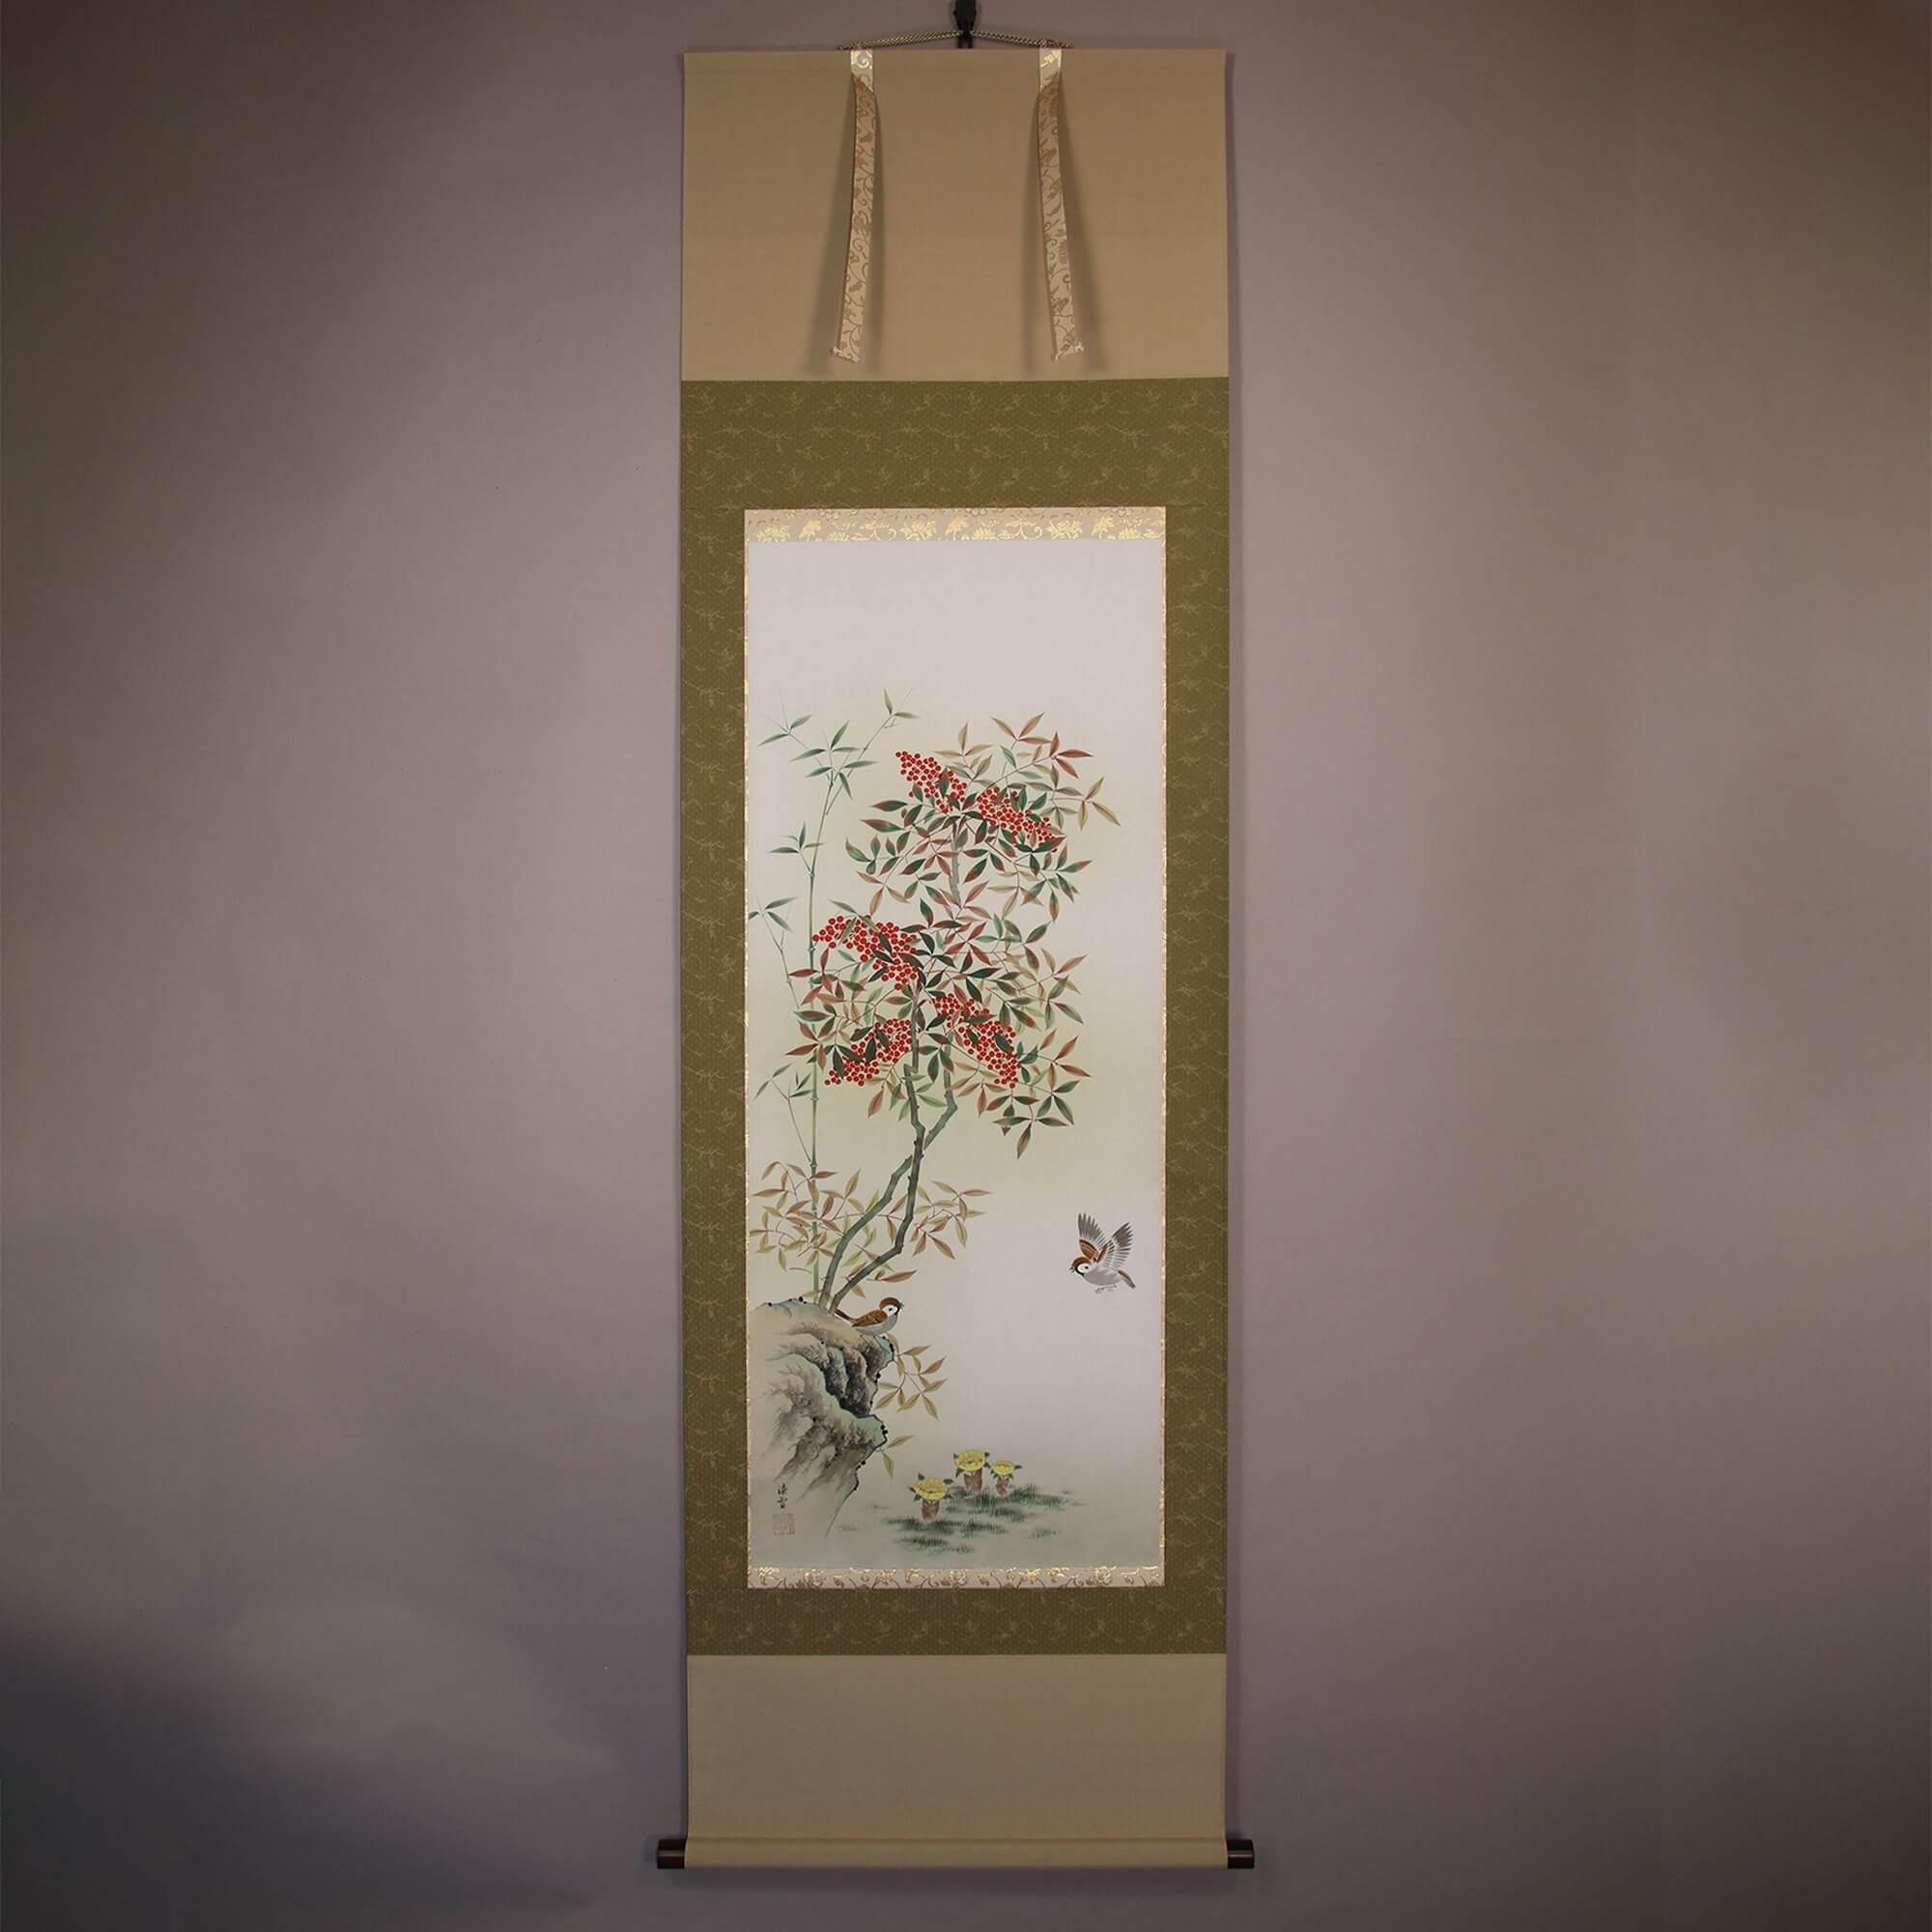 Nandina and Amur Adonis / Imamura Ryōsetsu